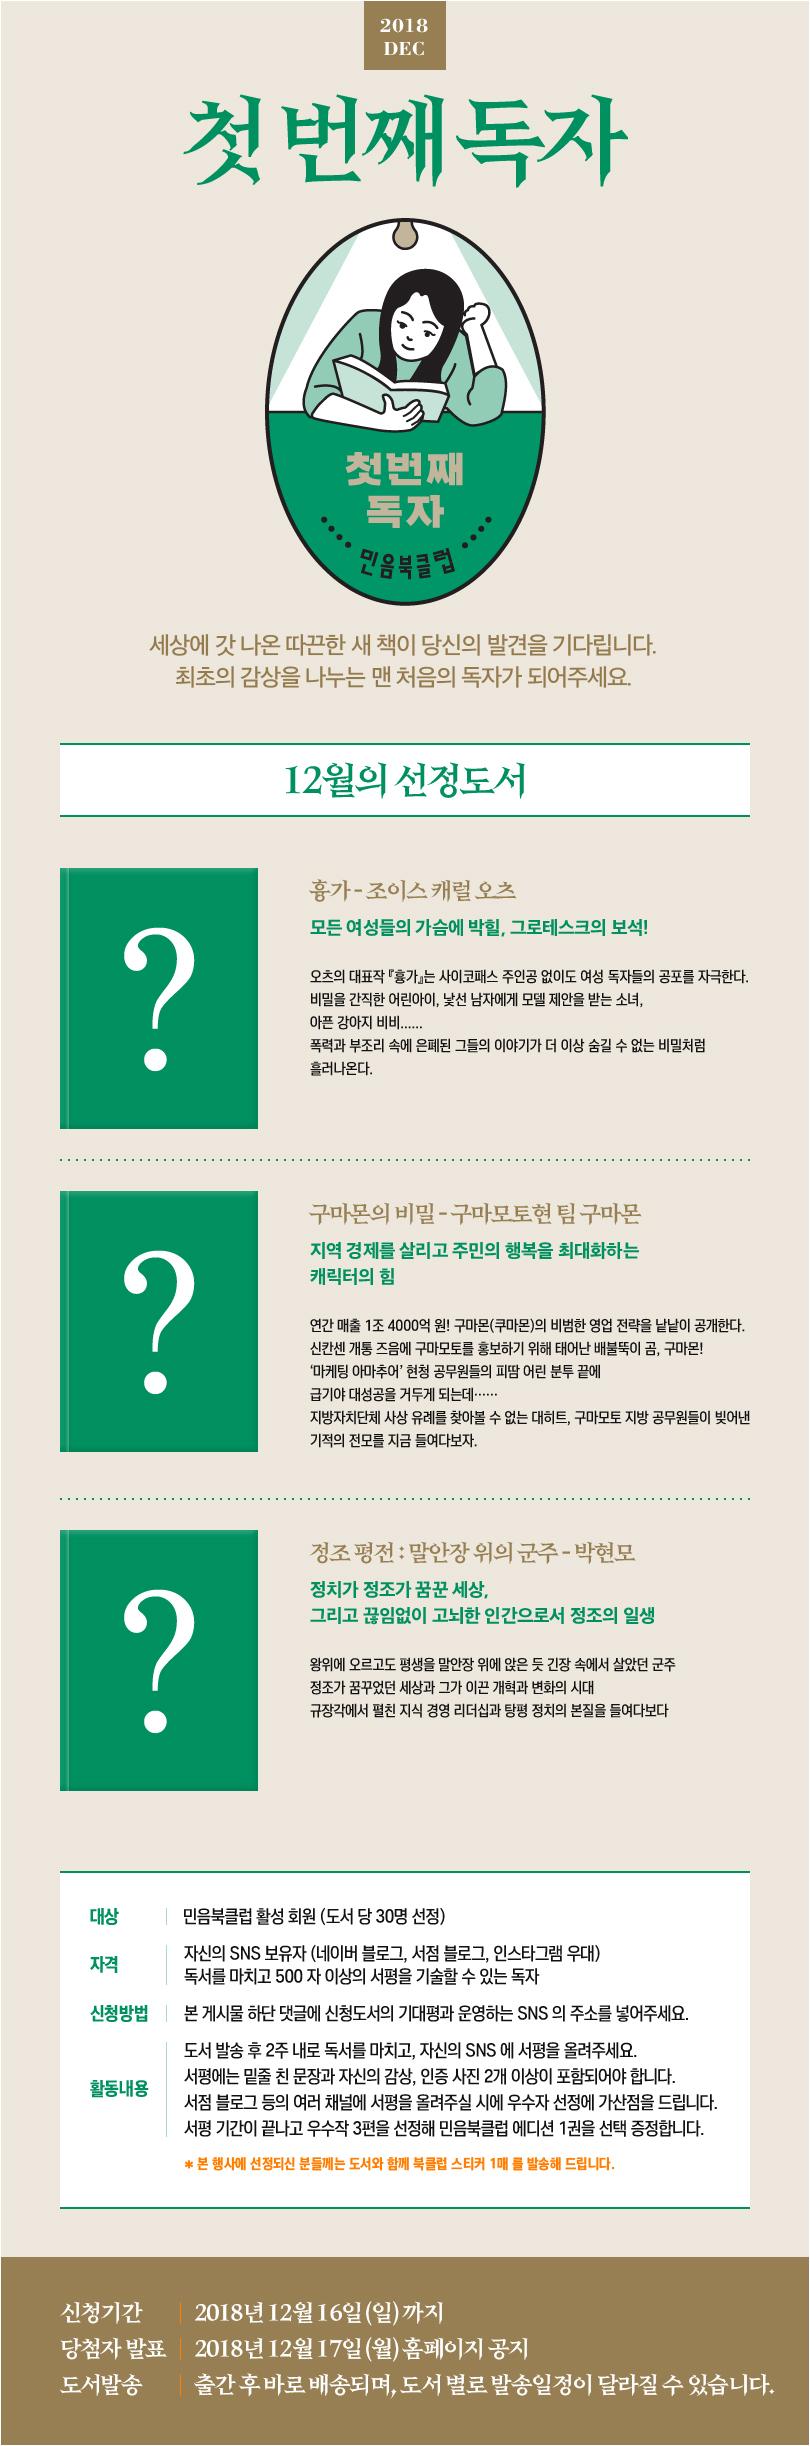 810_민음북클럽_첫번째독자 (1)